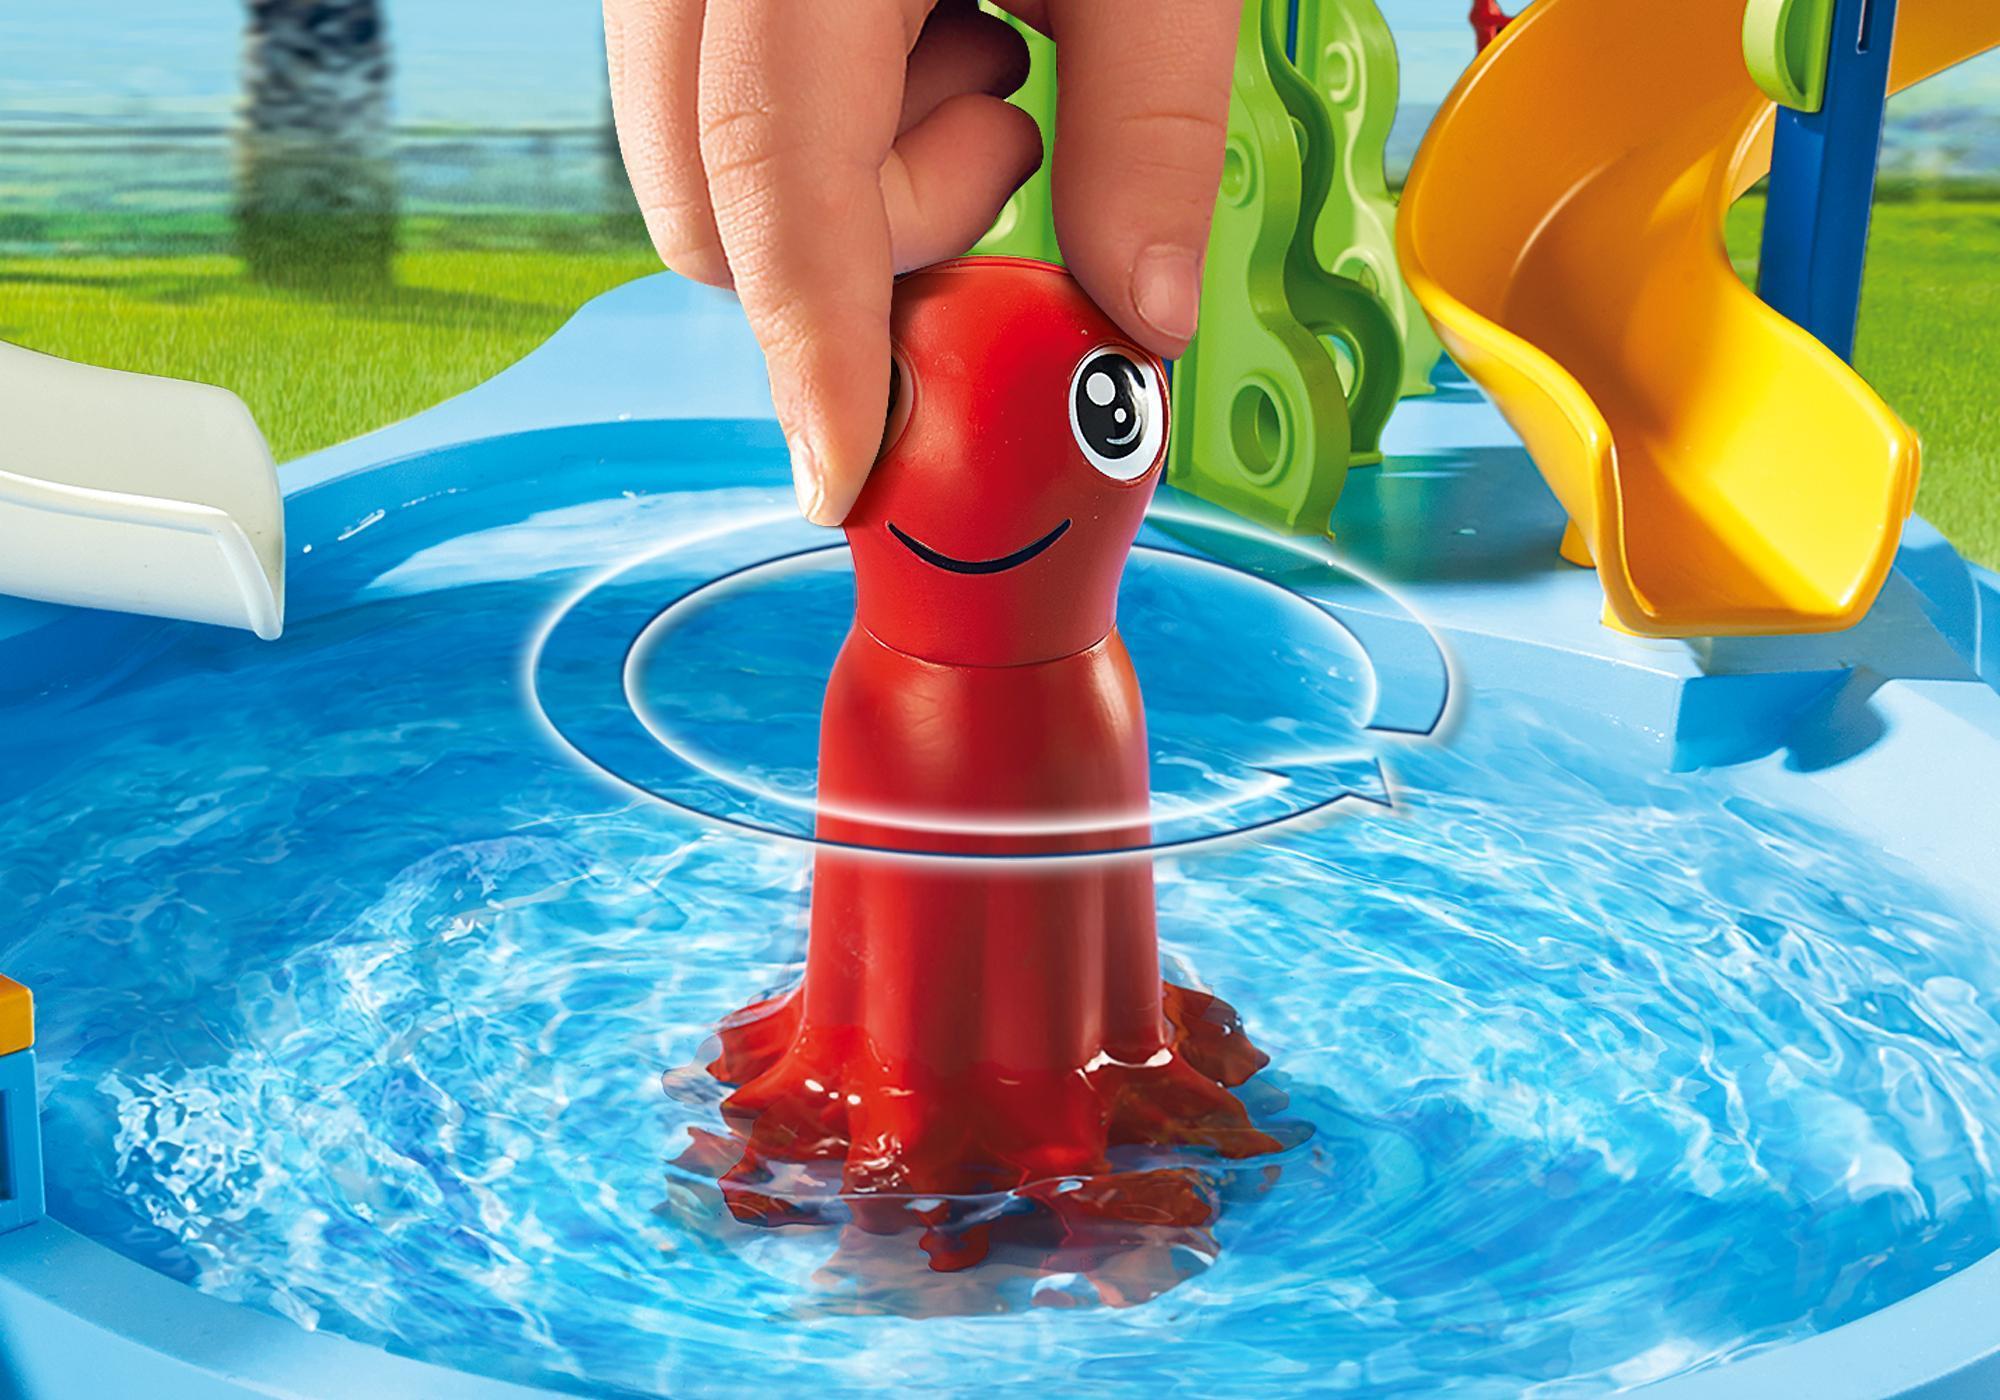 http://media.playmobil.com/i/playmobil/6669_product_extra2/Parque Acuático con Toboganes